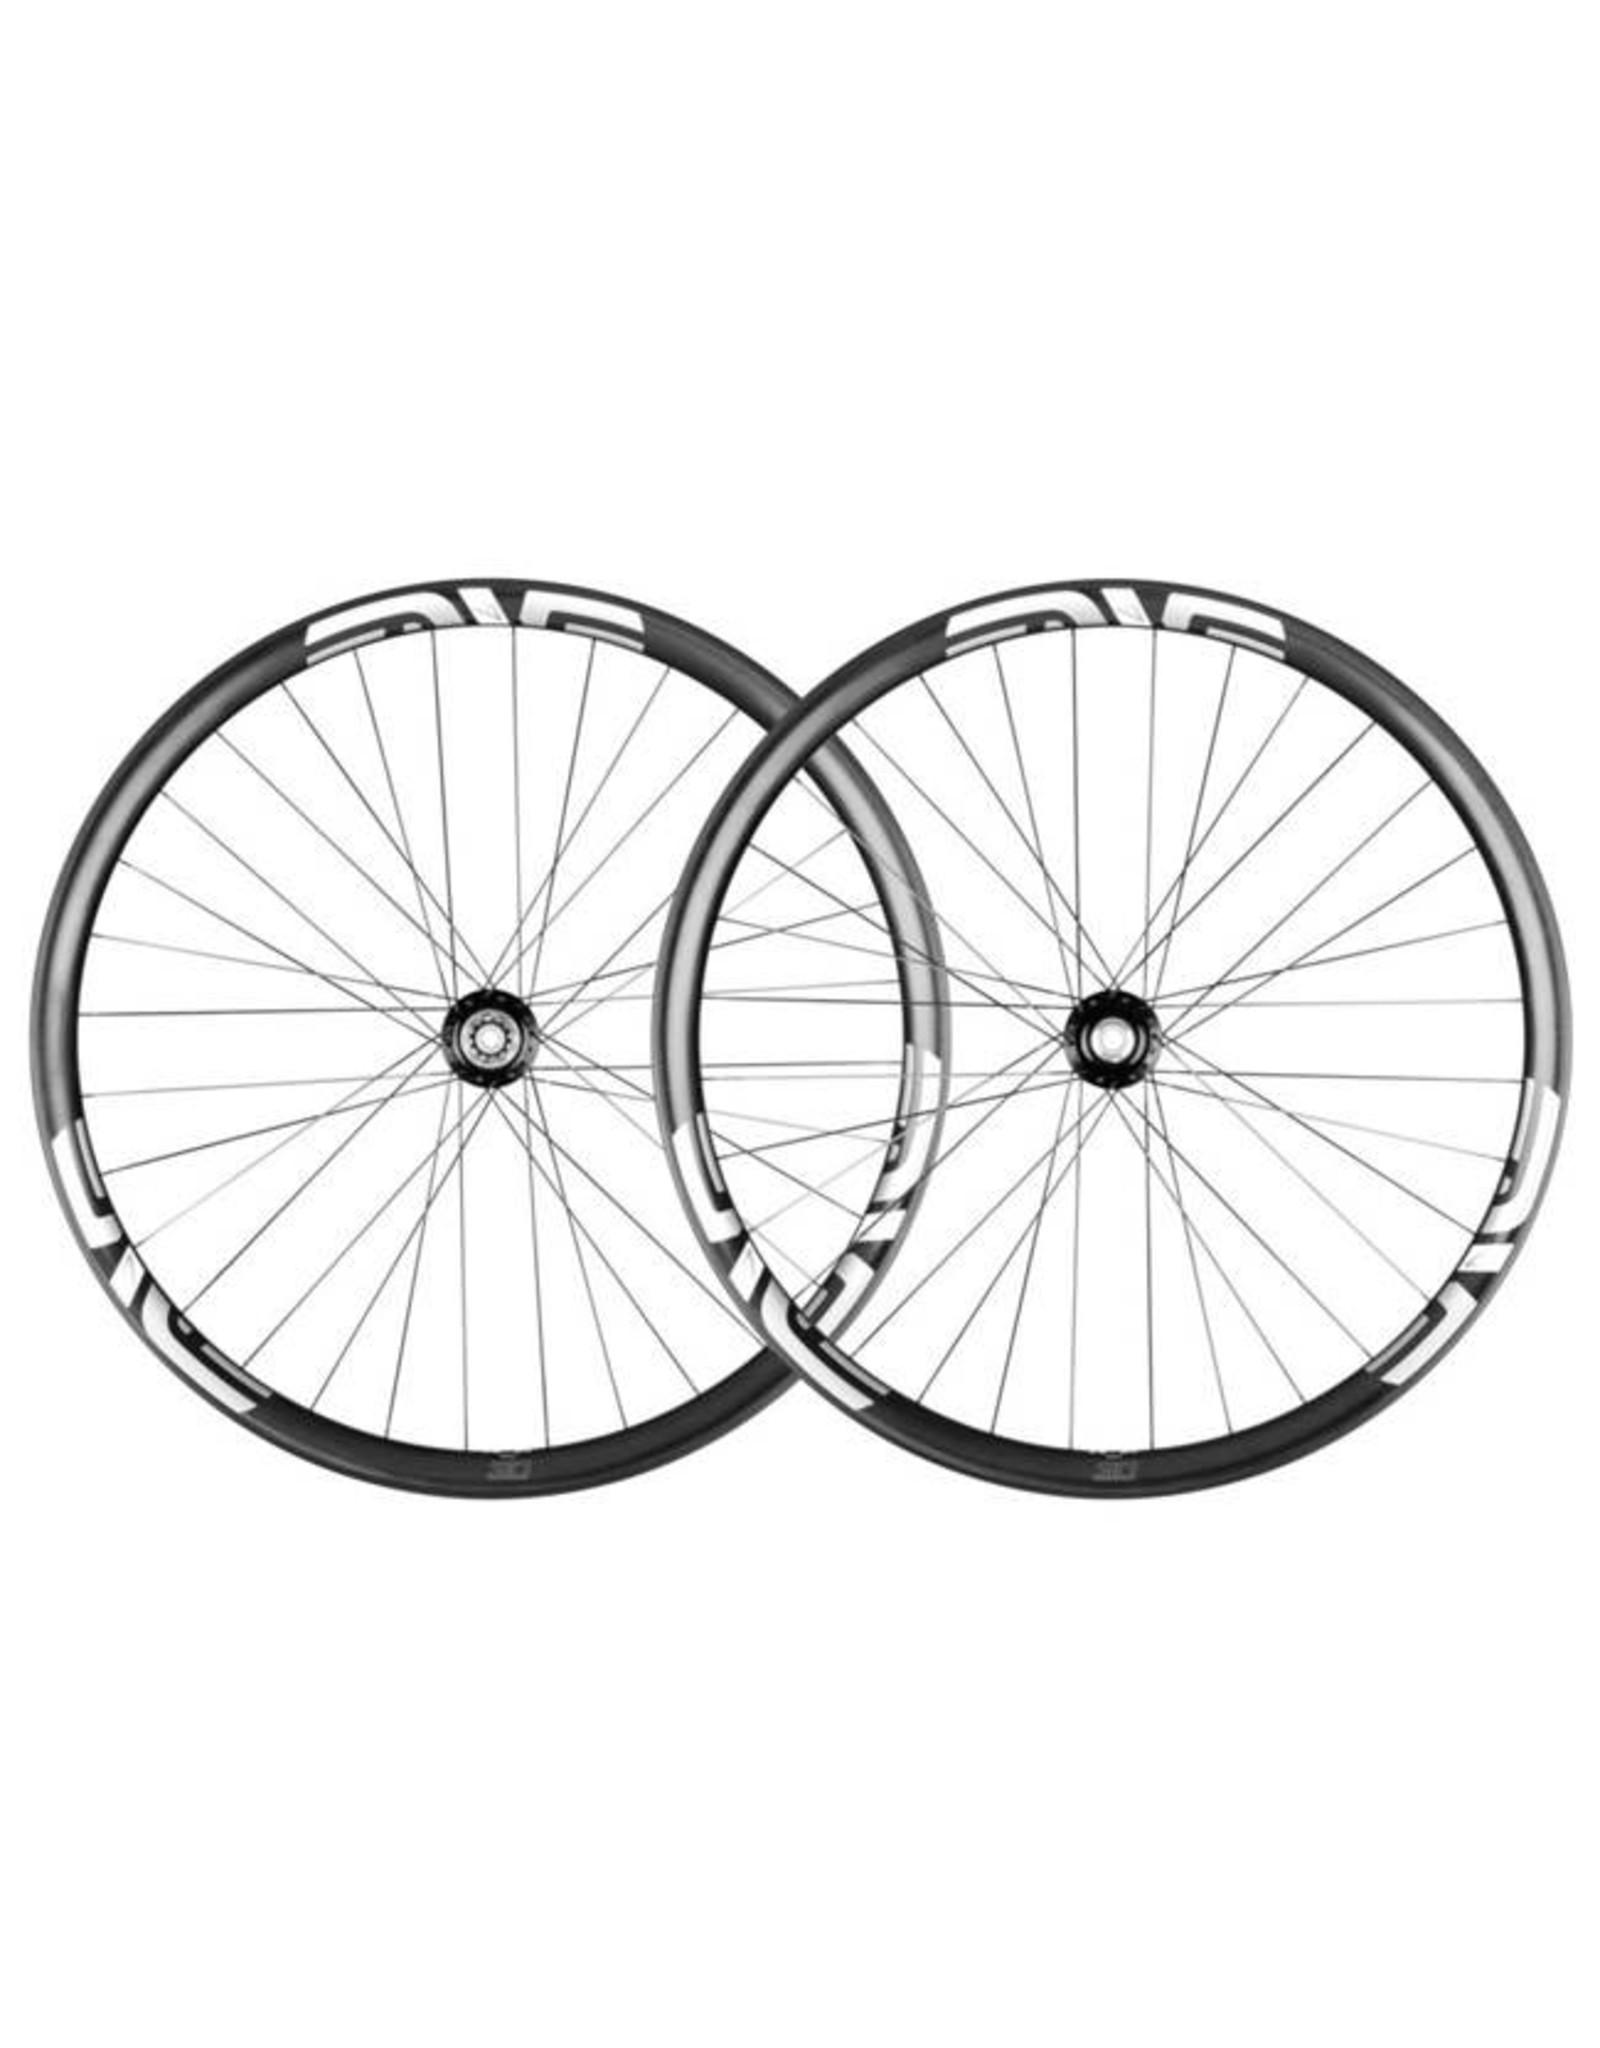 """ENVE Composites ENVE M730 27.5"""" Wheelset 15 x 110, 12 x 148mm Boost, DT-Swiss Centerlock, Shimano"""